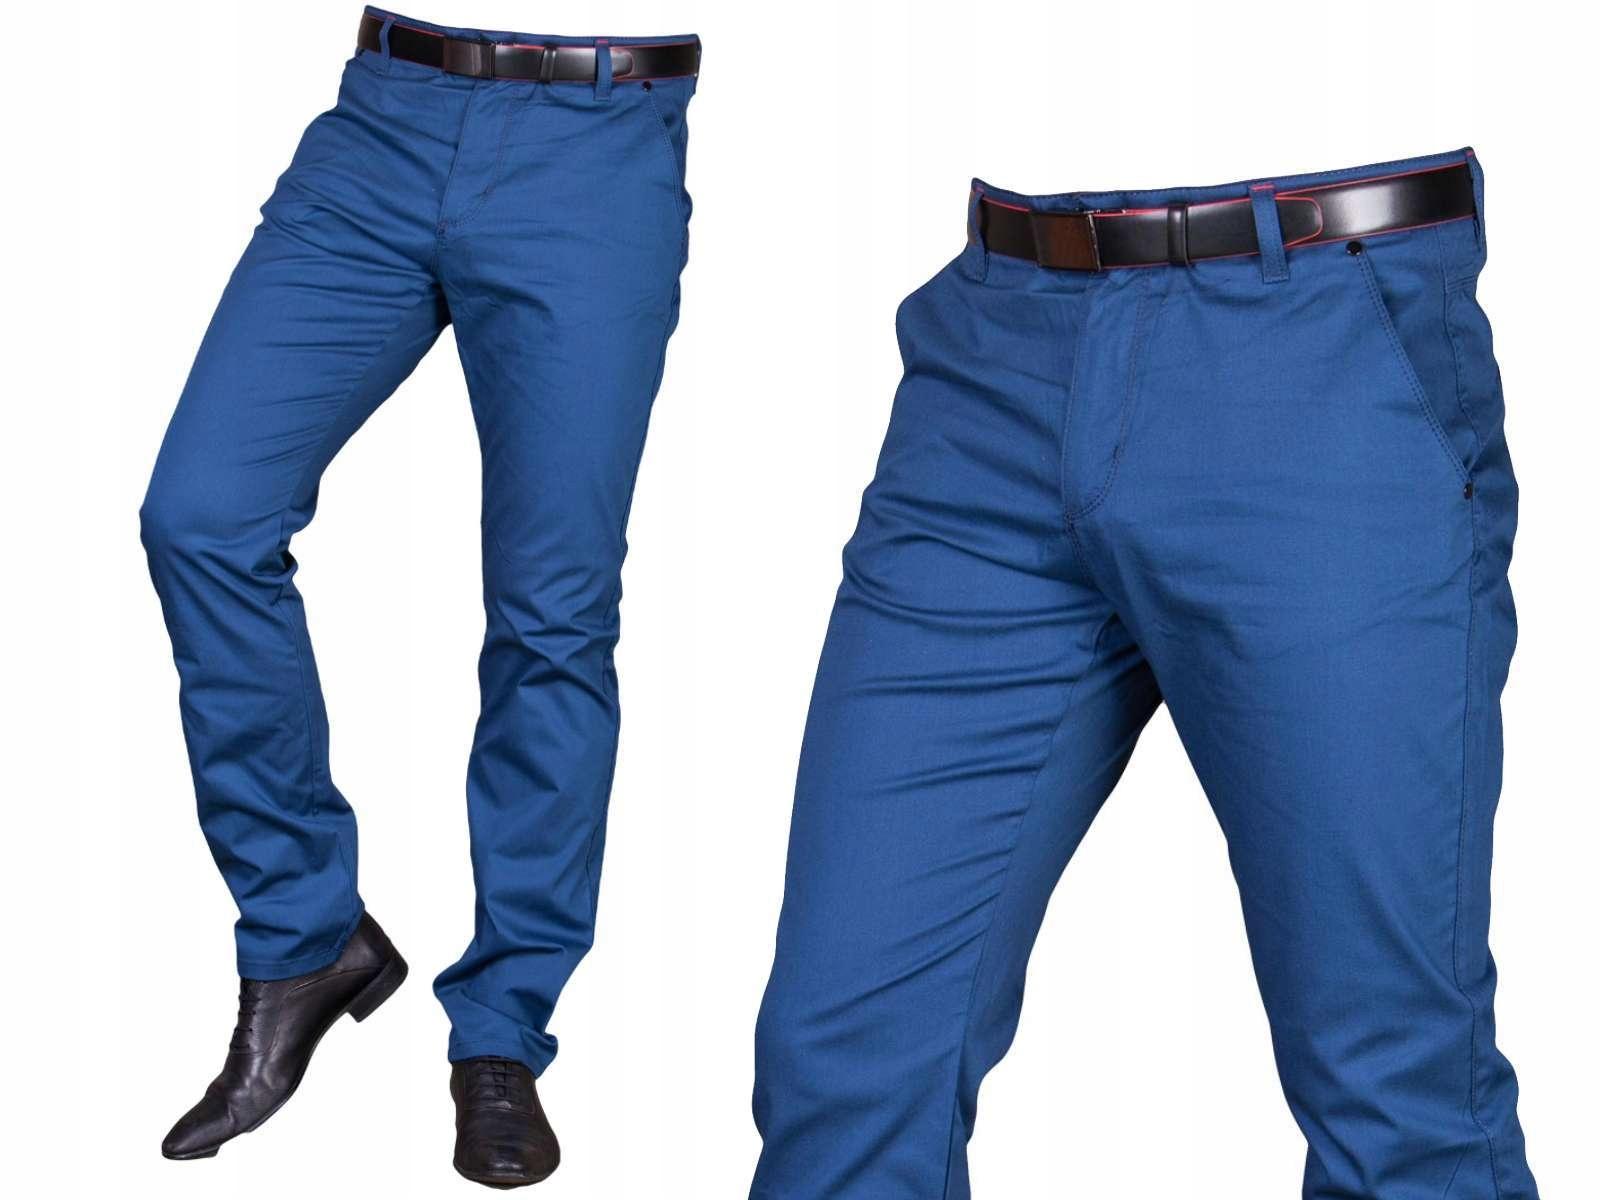 Spodnie wizytowe niebieskie 2501 fm2 r. 31 promo